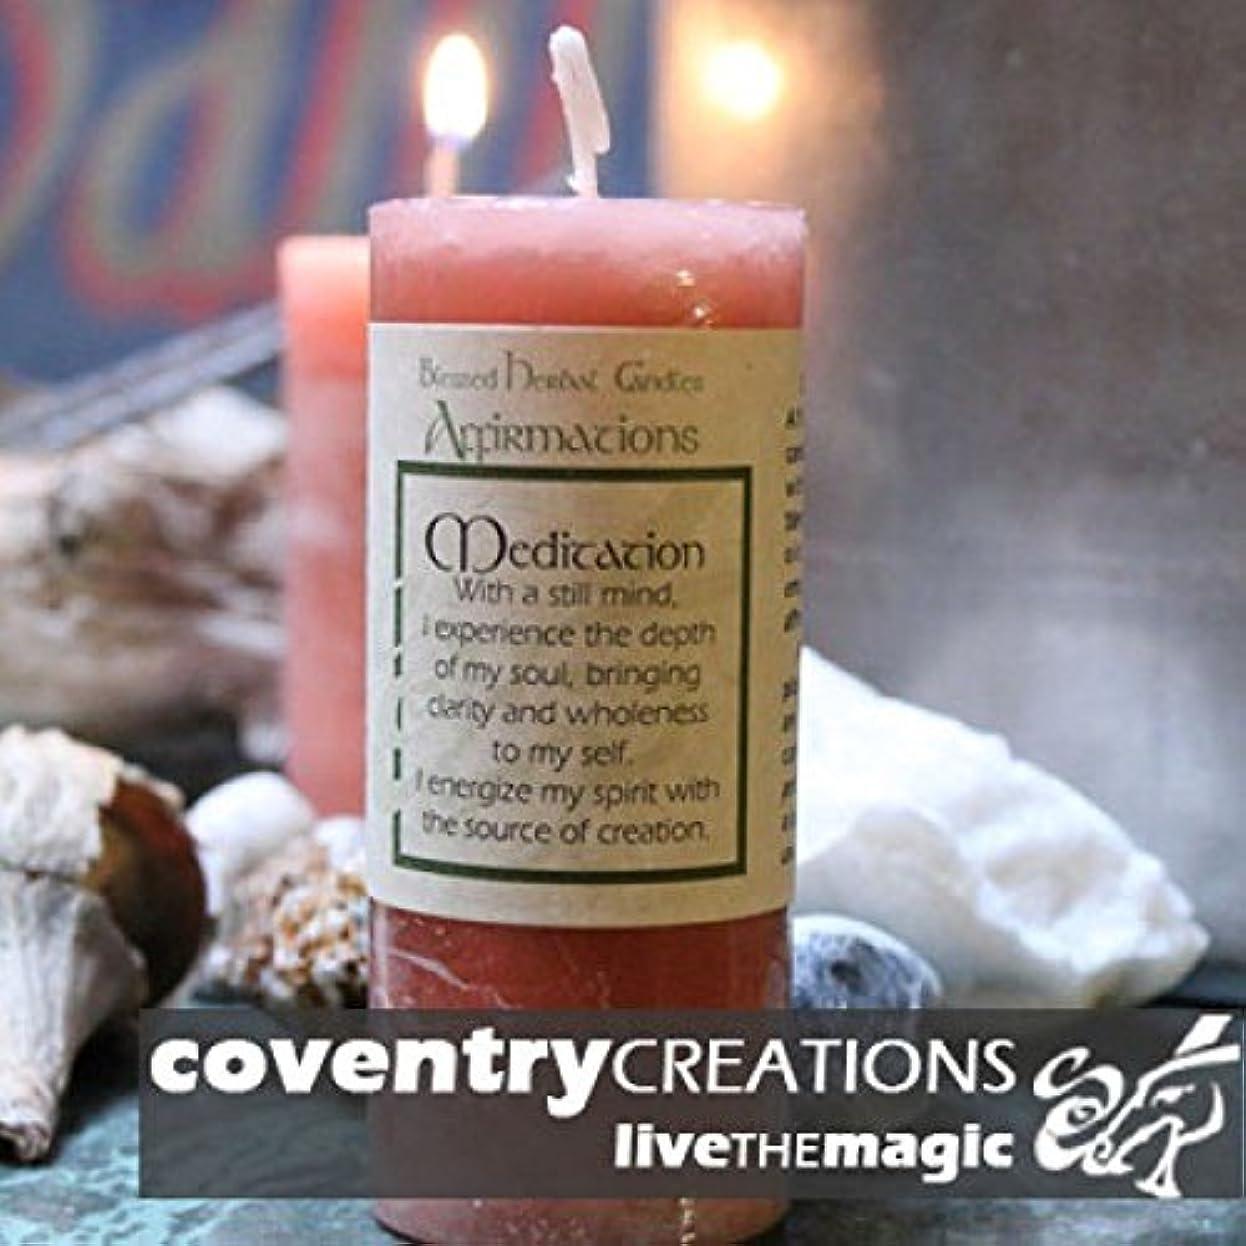 貢献する本質的ではない想像力豊かなAffirmation - Meditation Candle by Coventry Creations